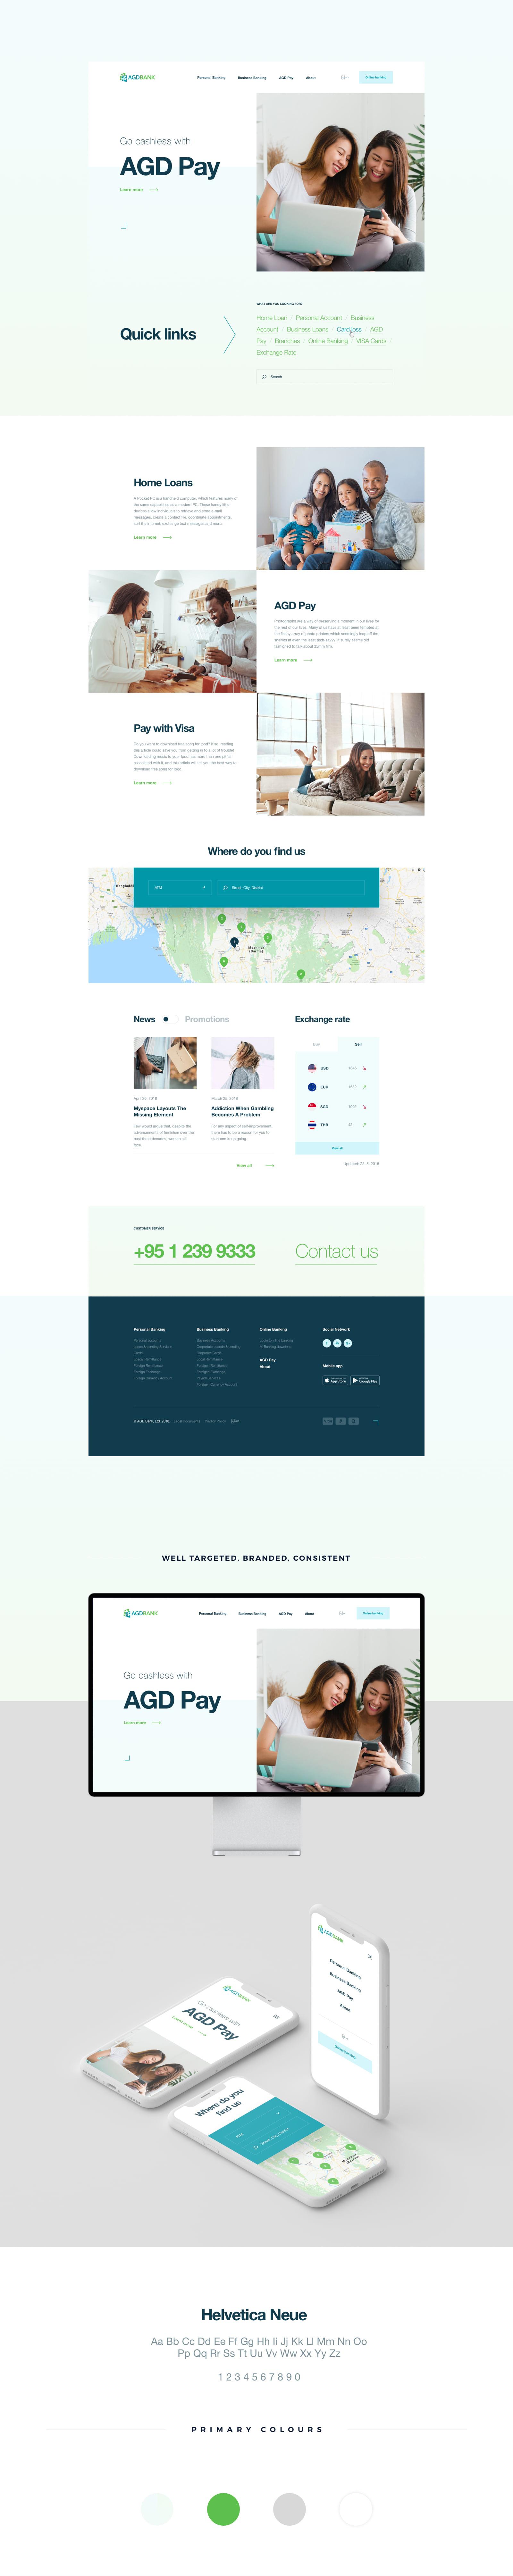 KOS Design - AGD Bank